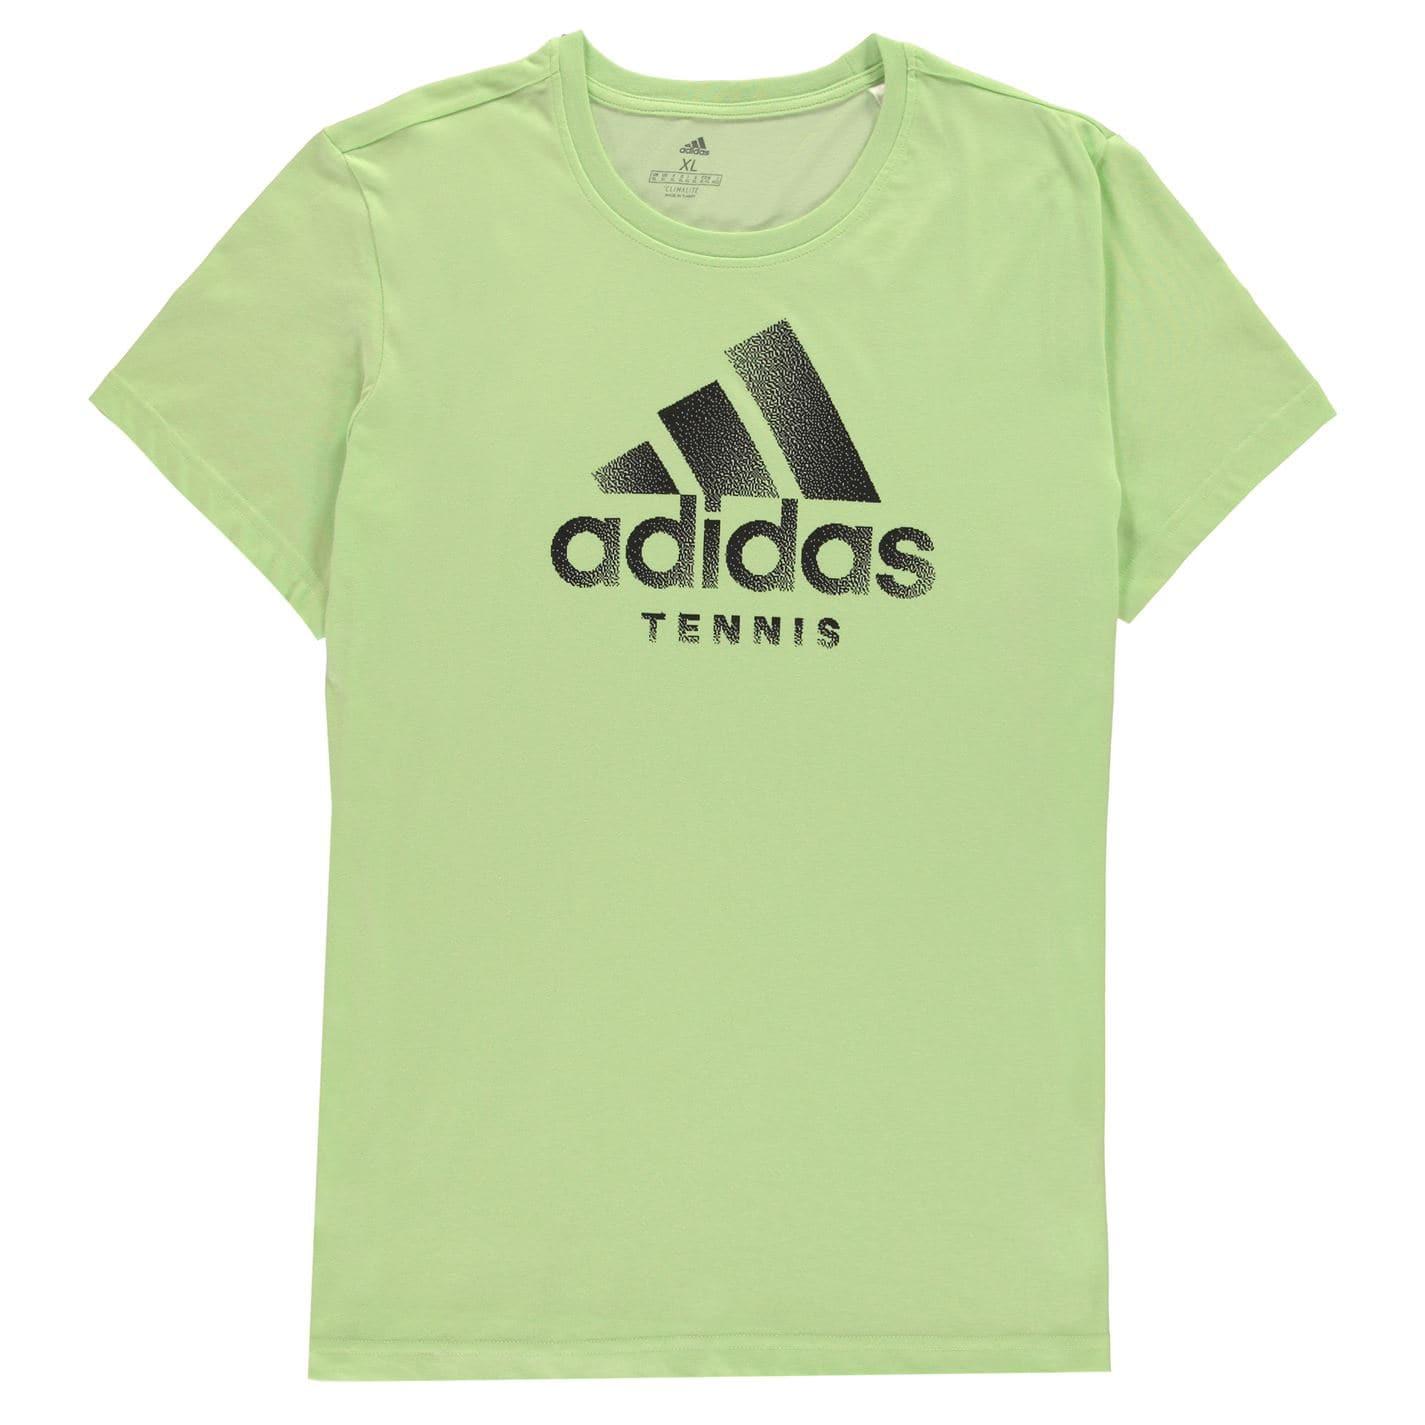 Adidas Category T Shirt Mens